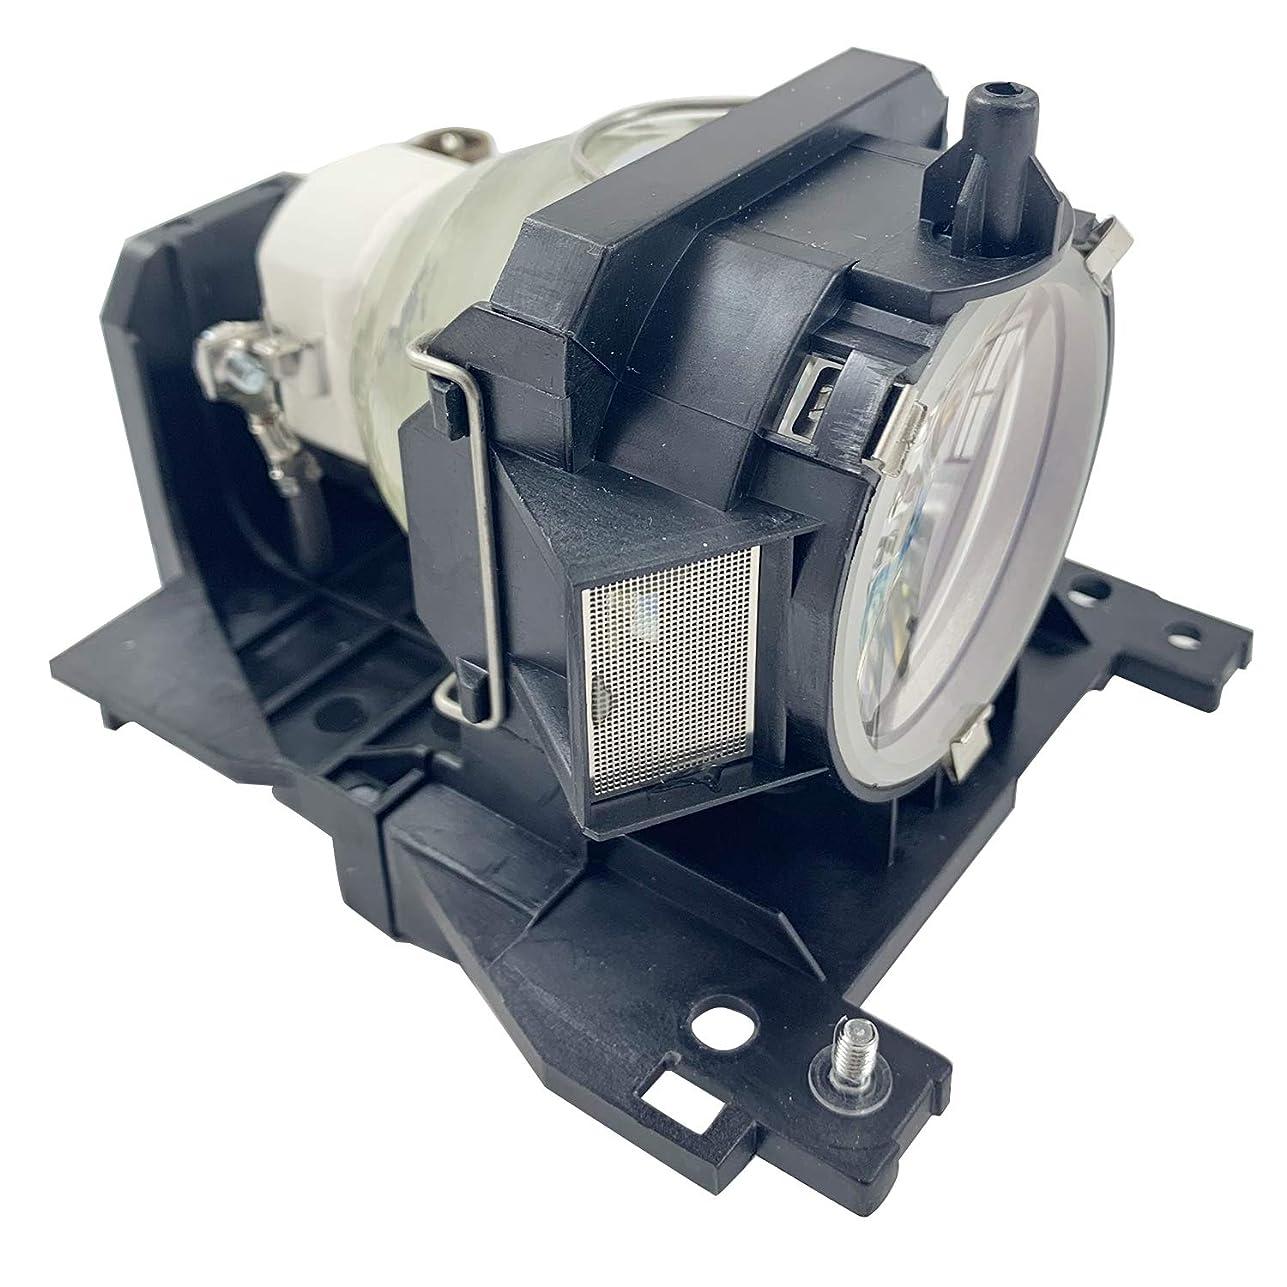 柱結婚式また明日ねDT00841 3M X66 Projector Lamp by 3M